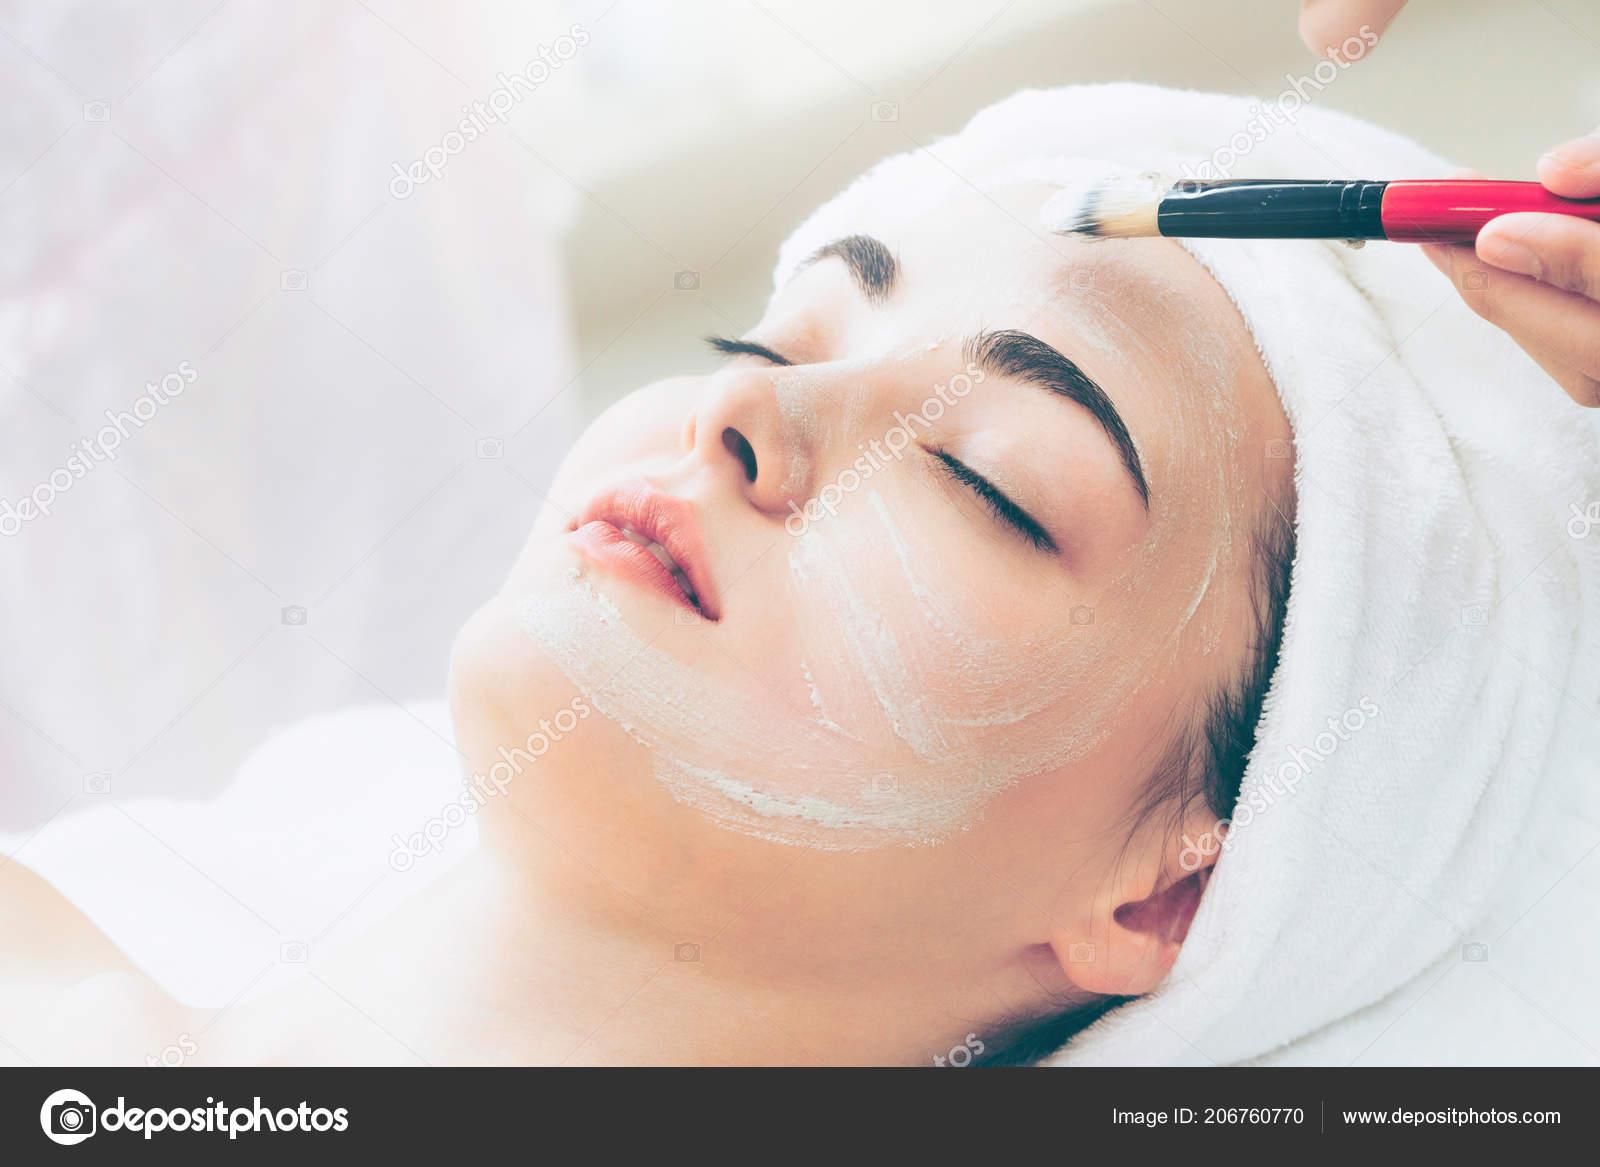 Beautiful Woman Having Facial Cosmetic Scrub Treatment